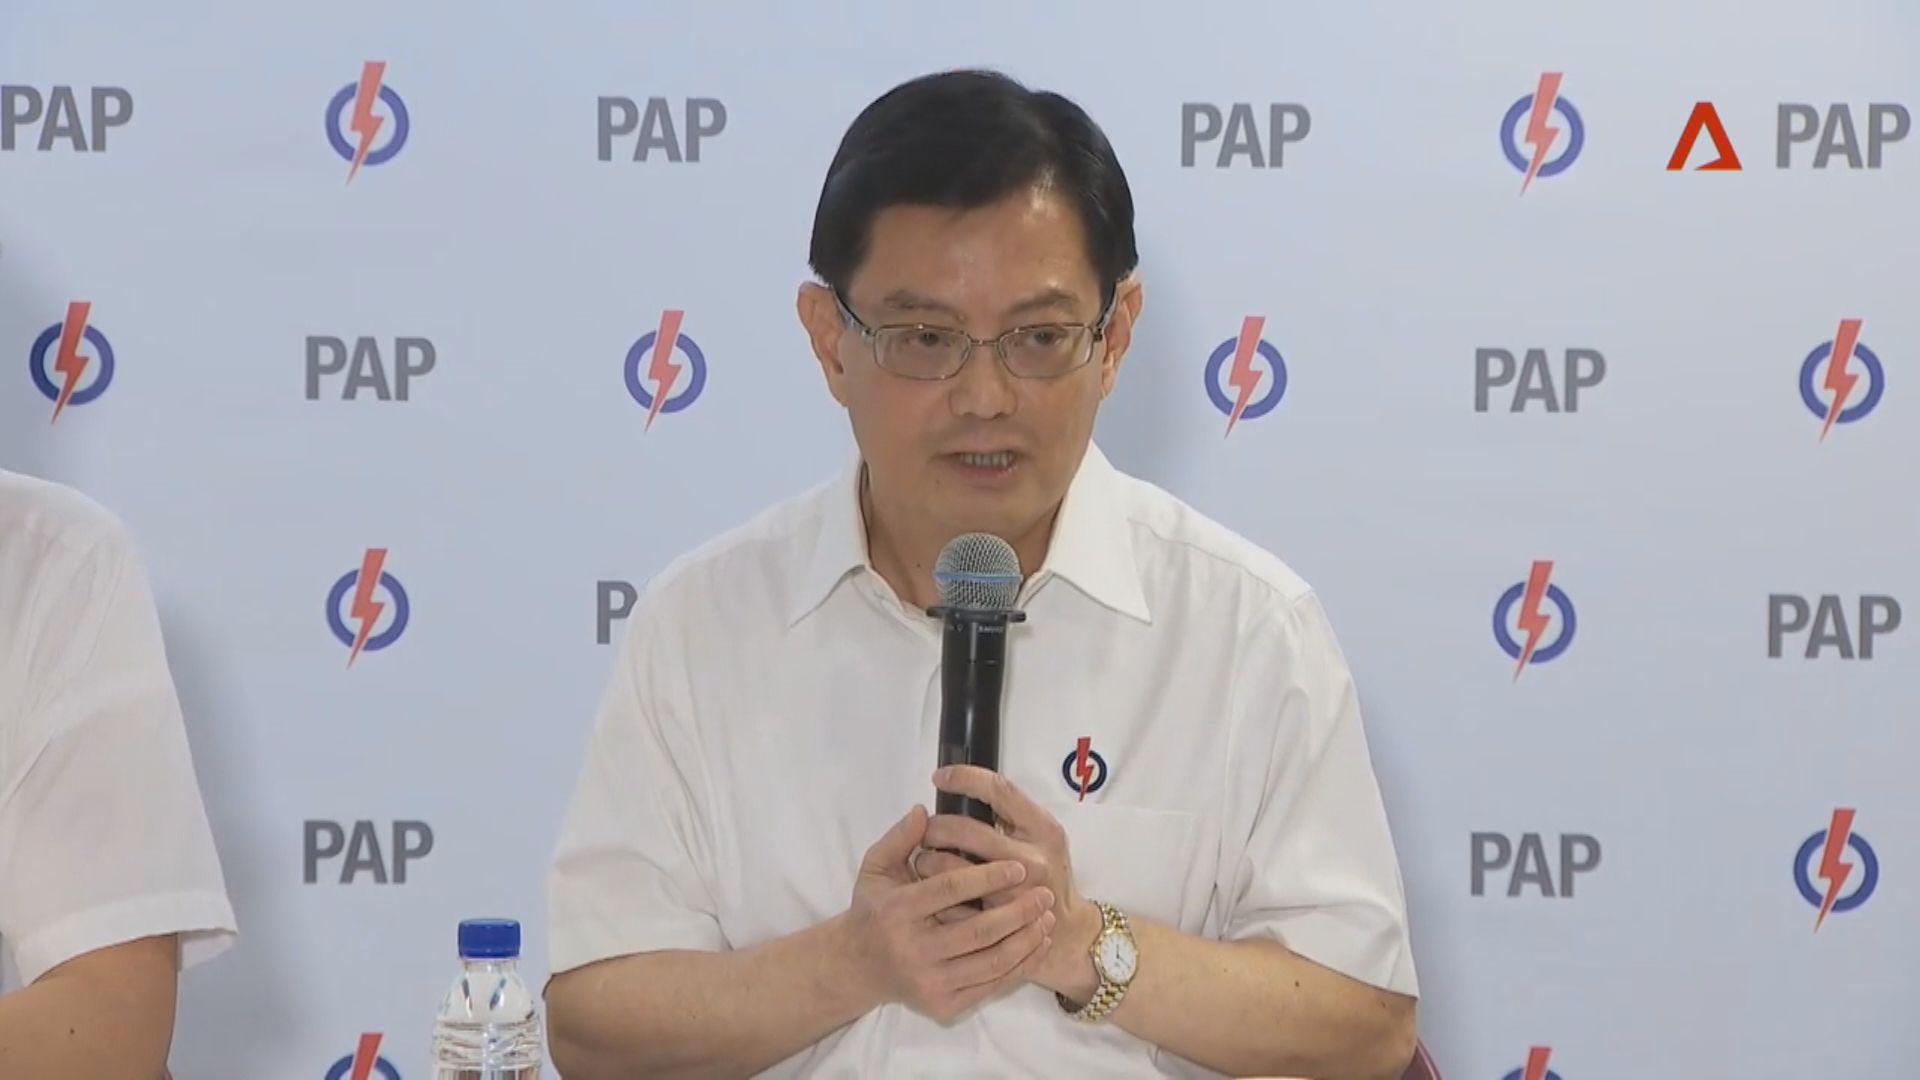 新加坡財長王瑞杰出任執政黨第一助理秘書長